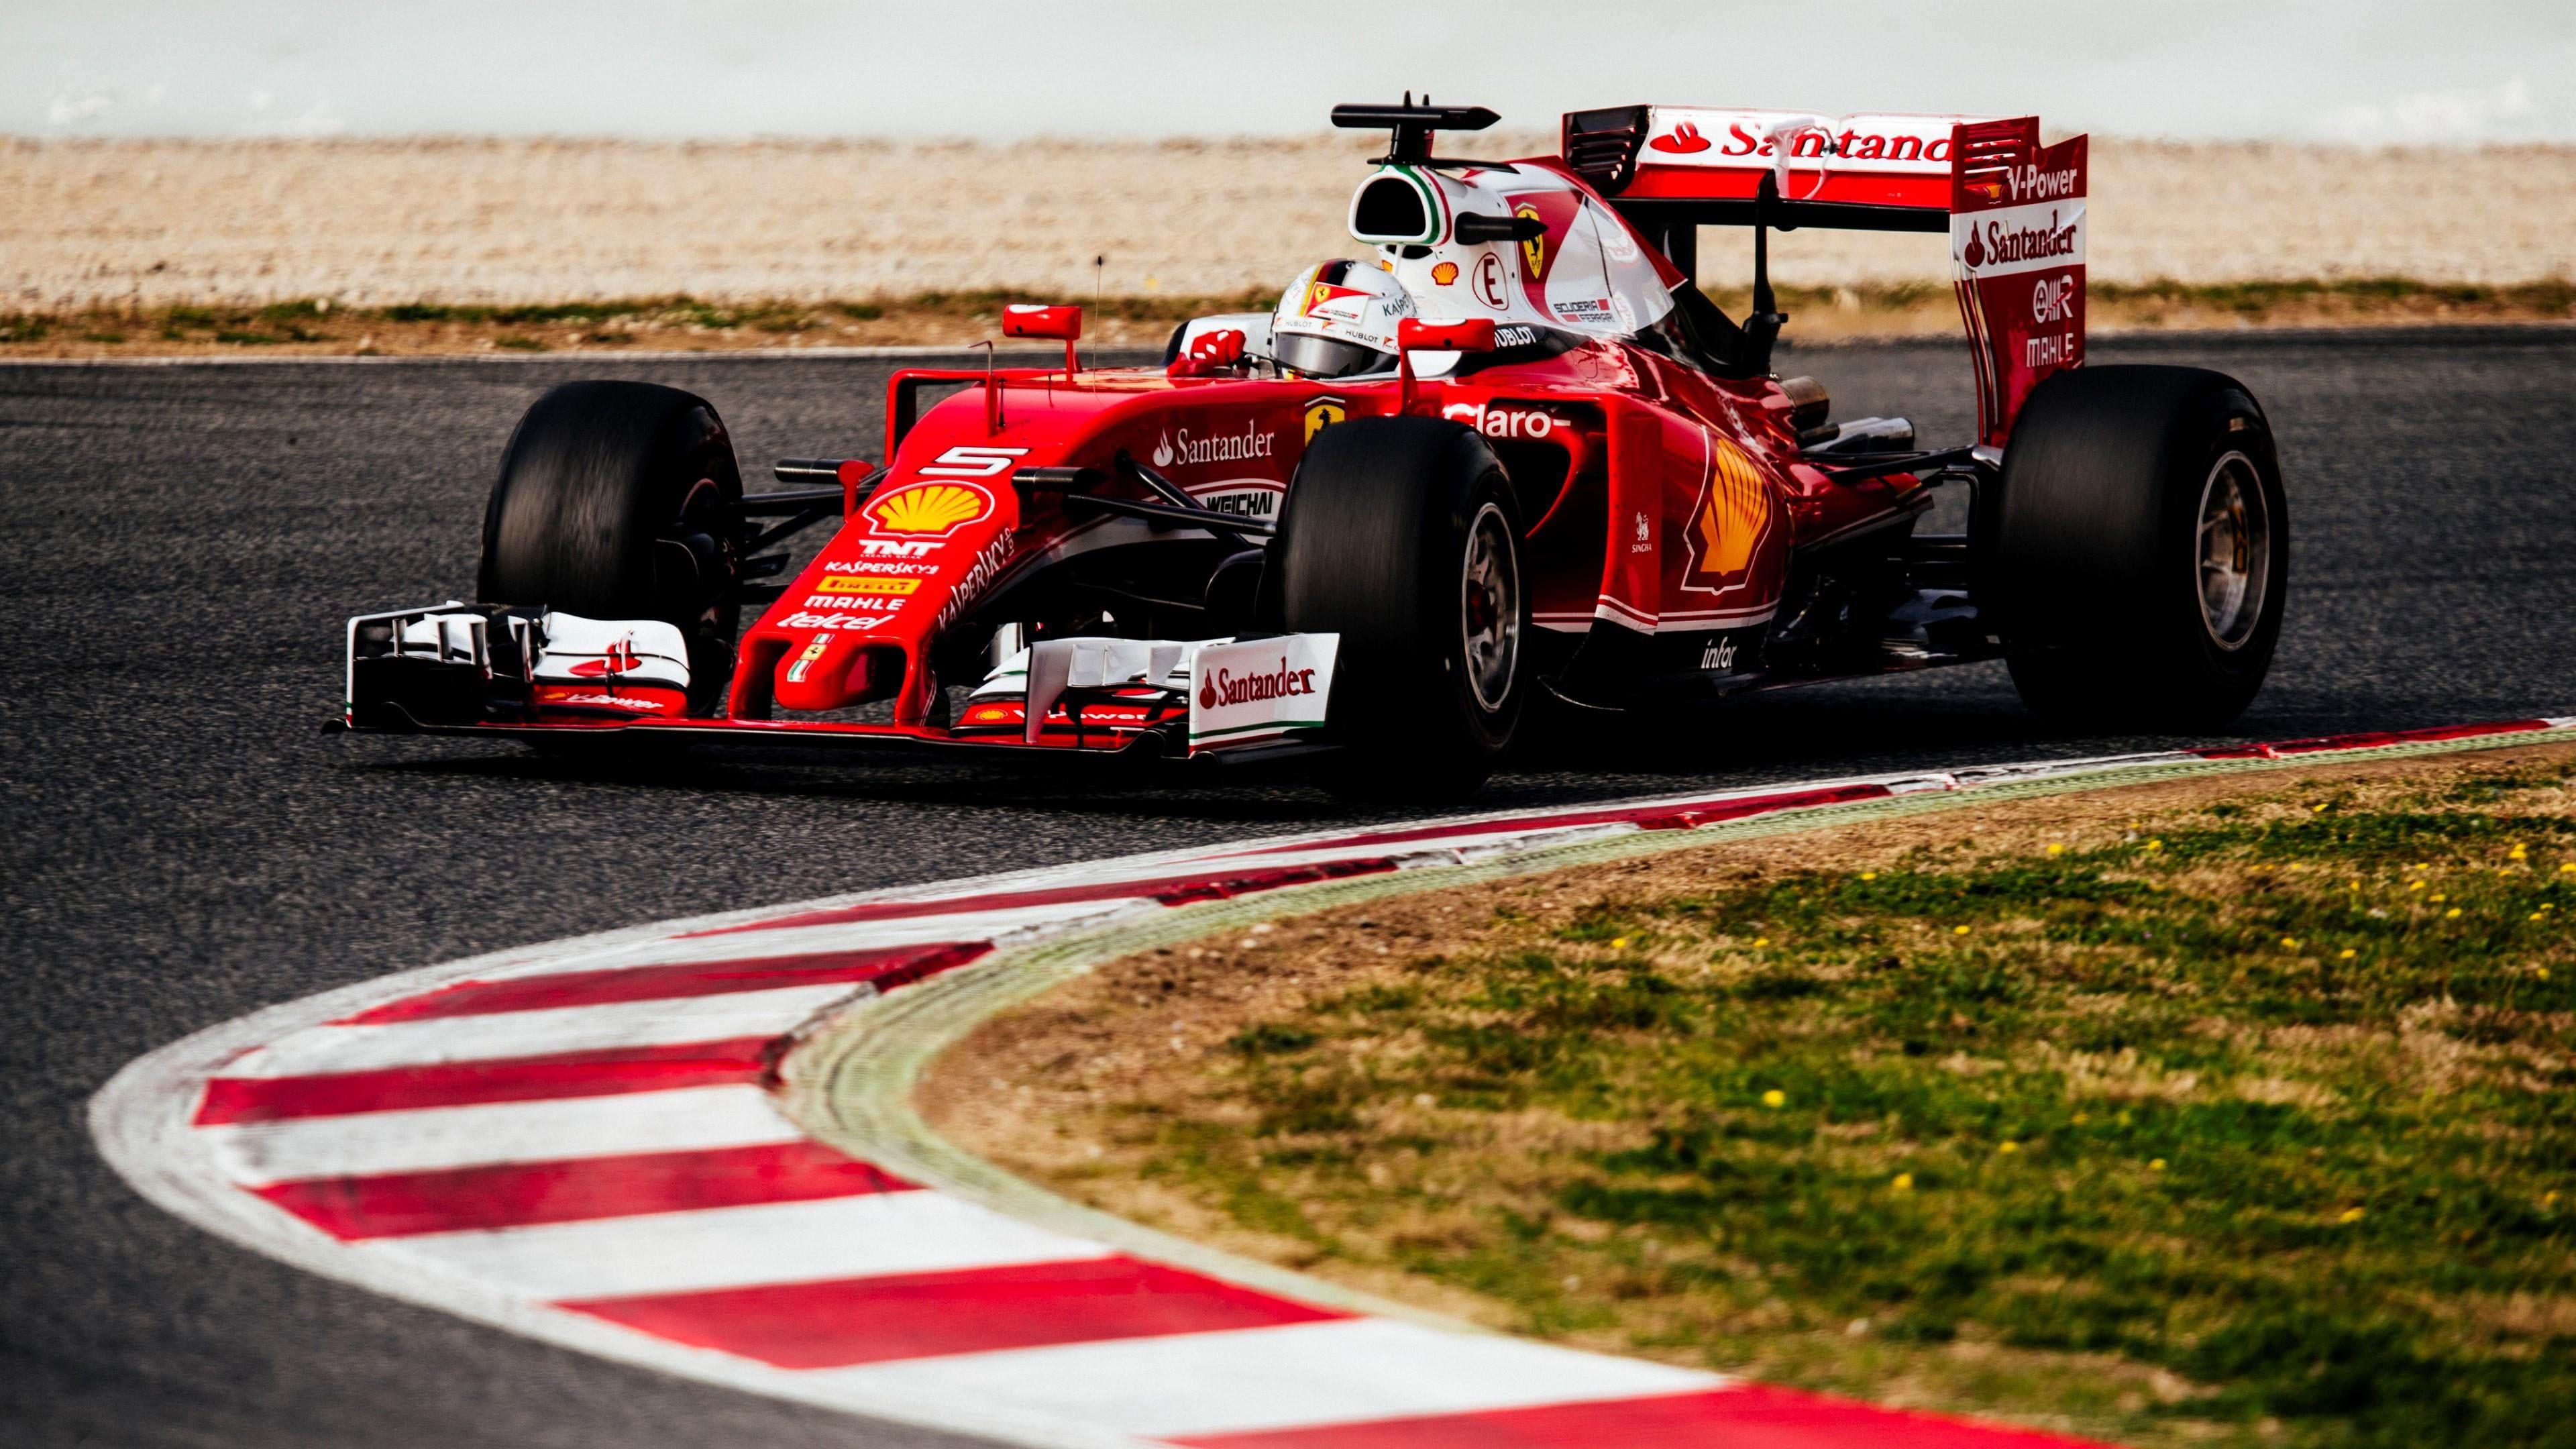 Sebastian Vettel Formula 1 F1 Ferrari Ferrari F1 Vettel Ferrari Sport 4k Wallpaper Hdwallpaper Desktop In 2020 Ferrari Formula 1 Ferrari F1